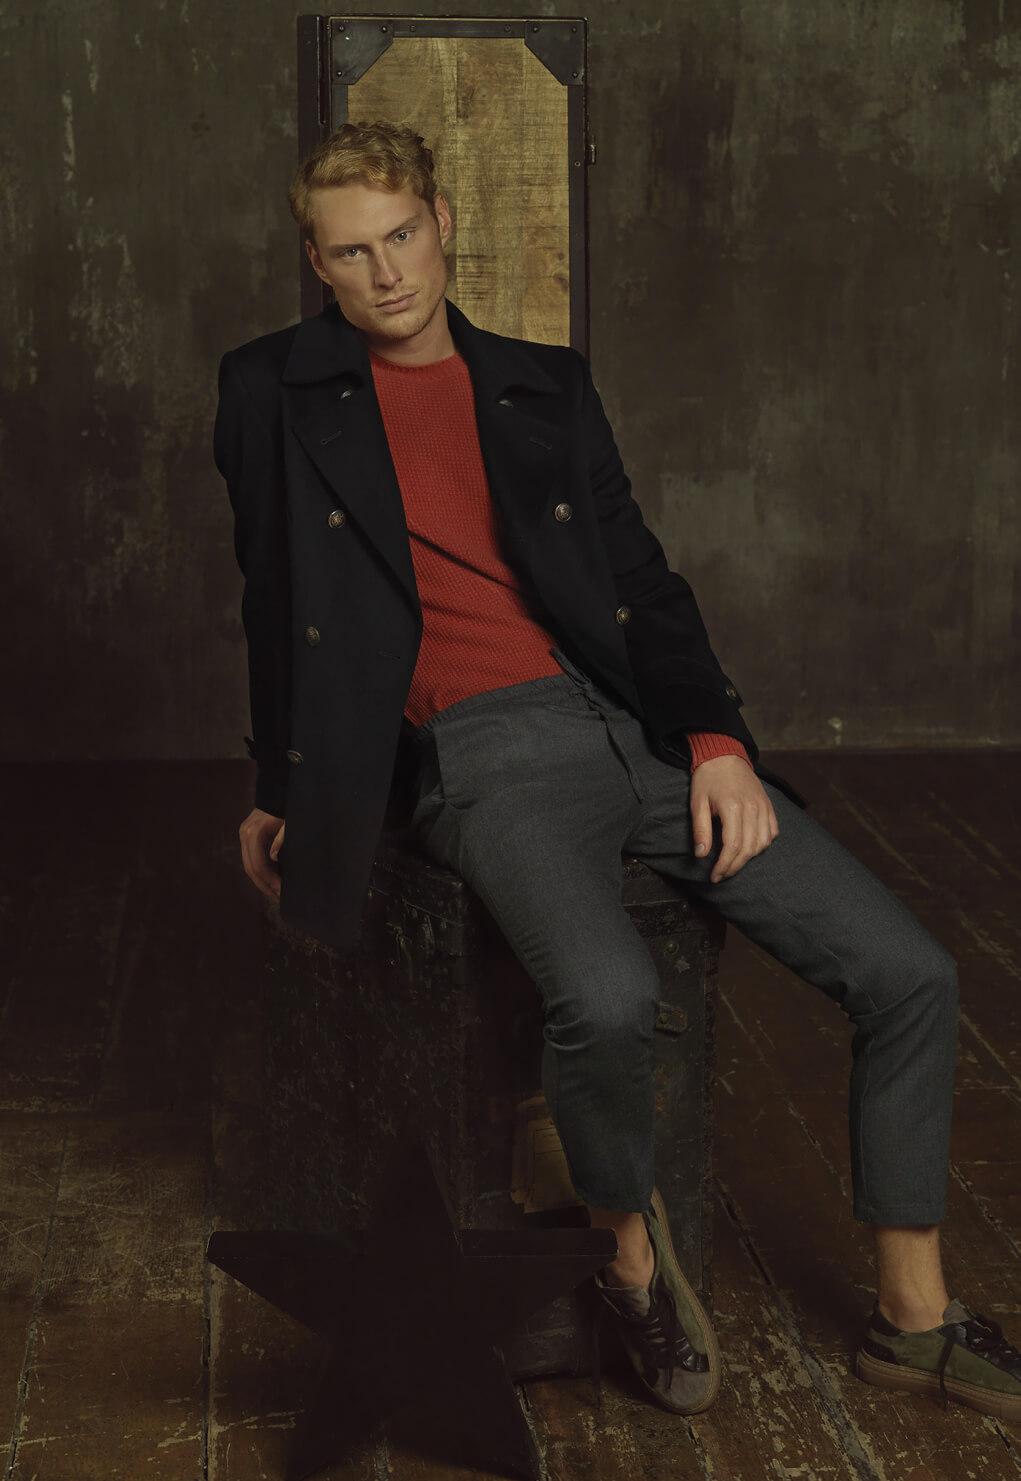 Then and Now Duca di San Giusto cashmere Mirko Burin Fashion stylist 32